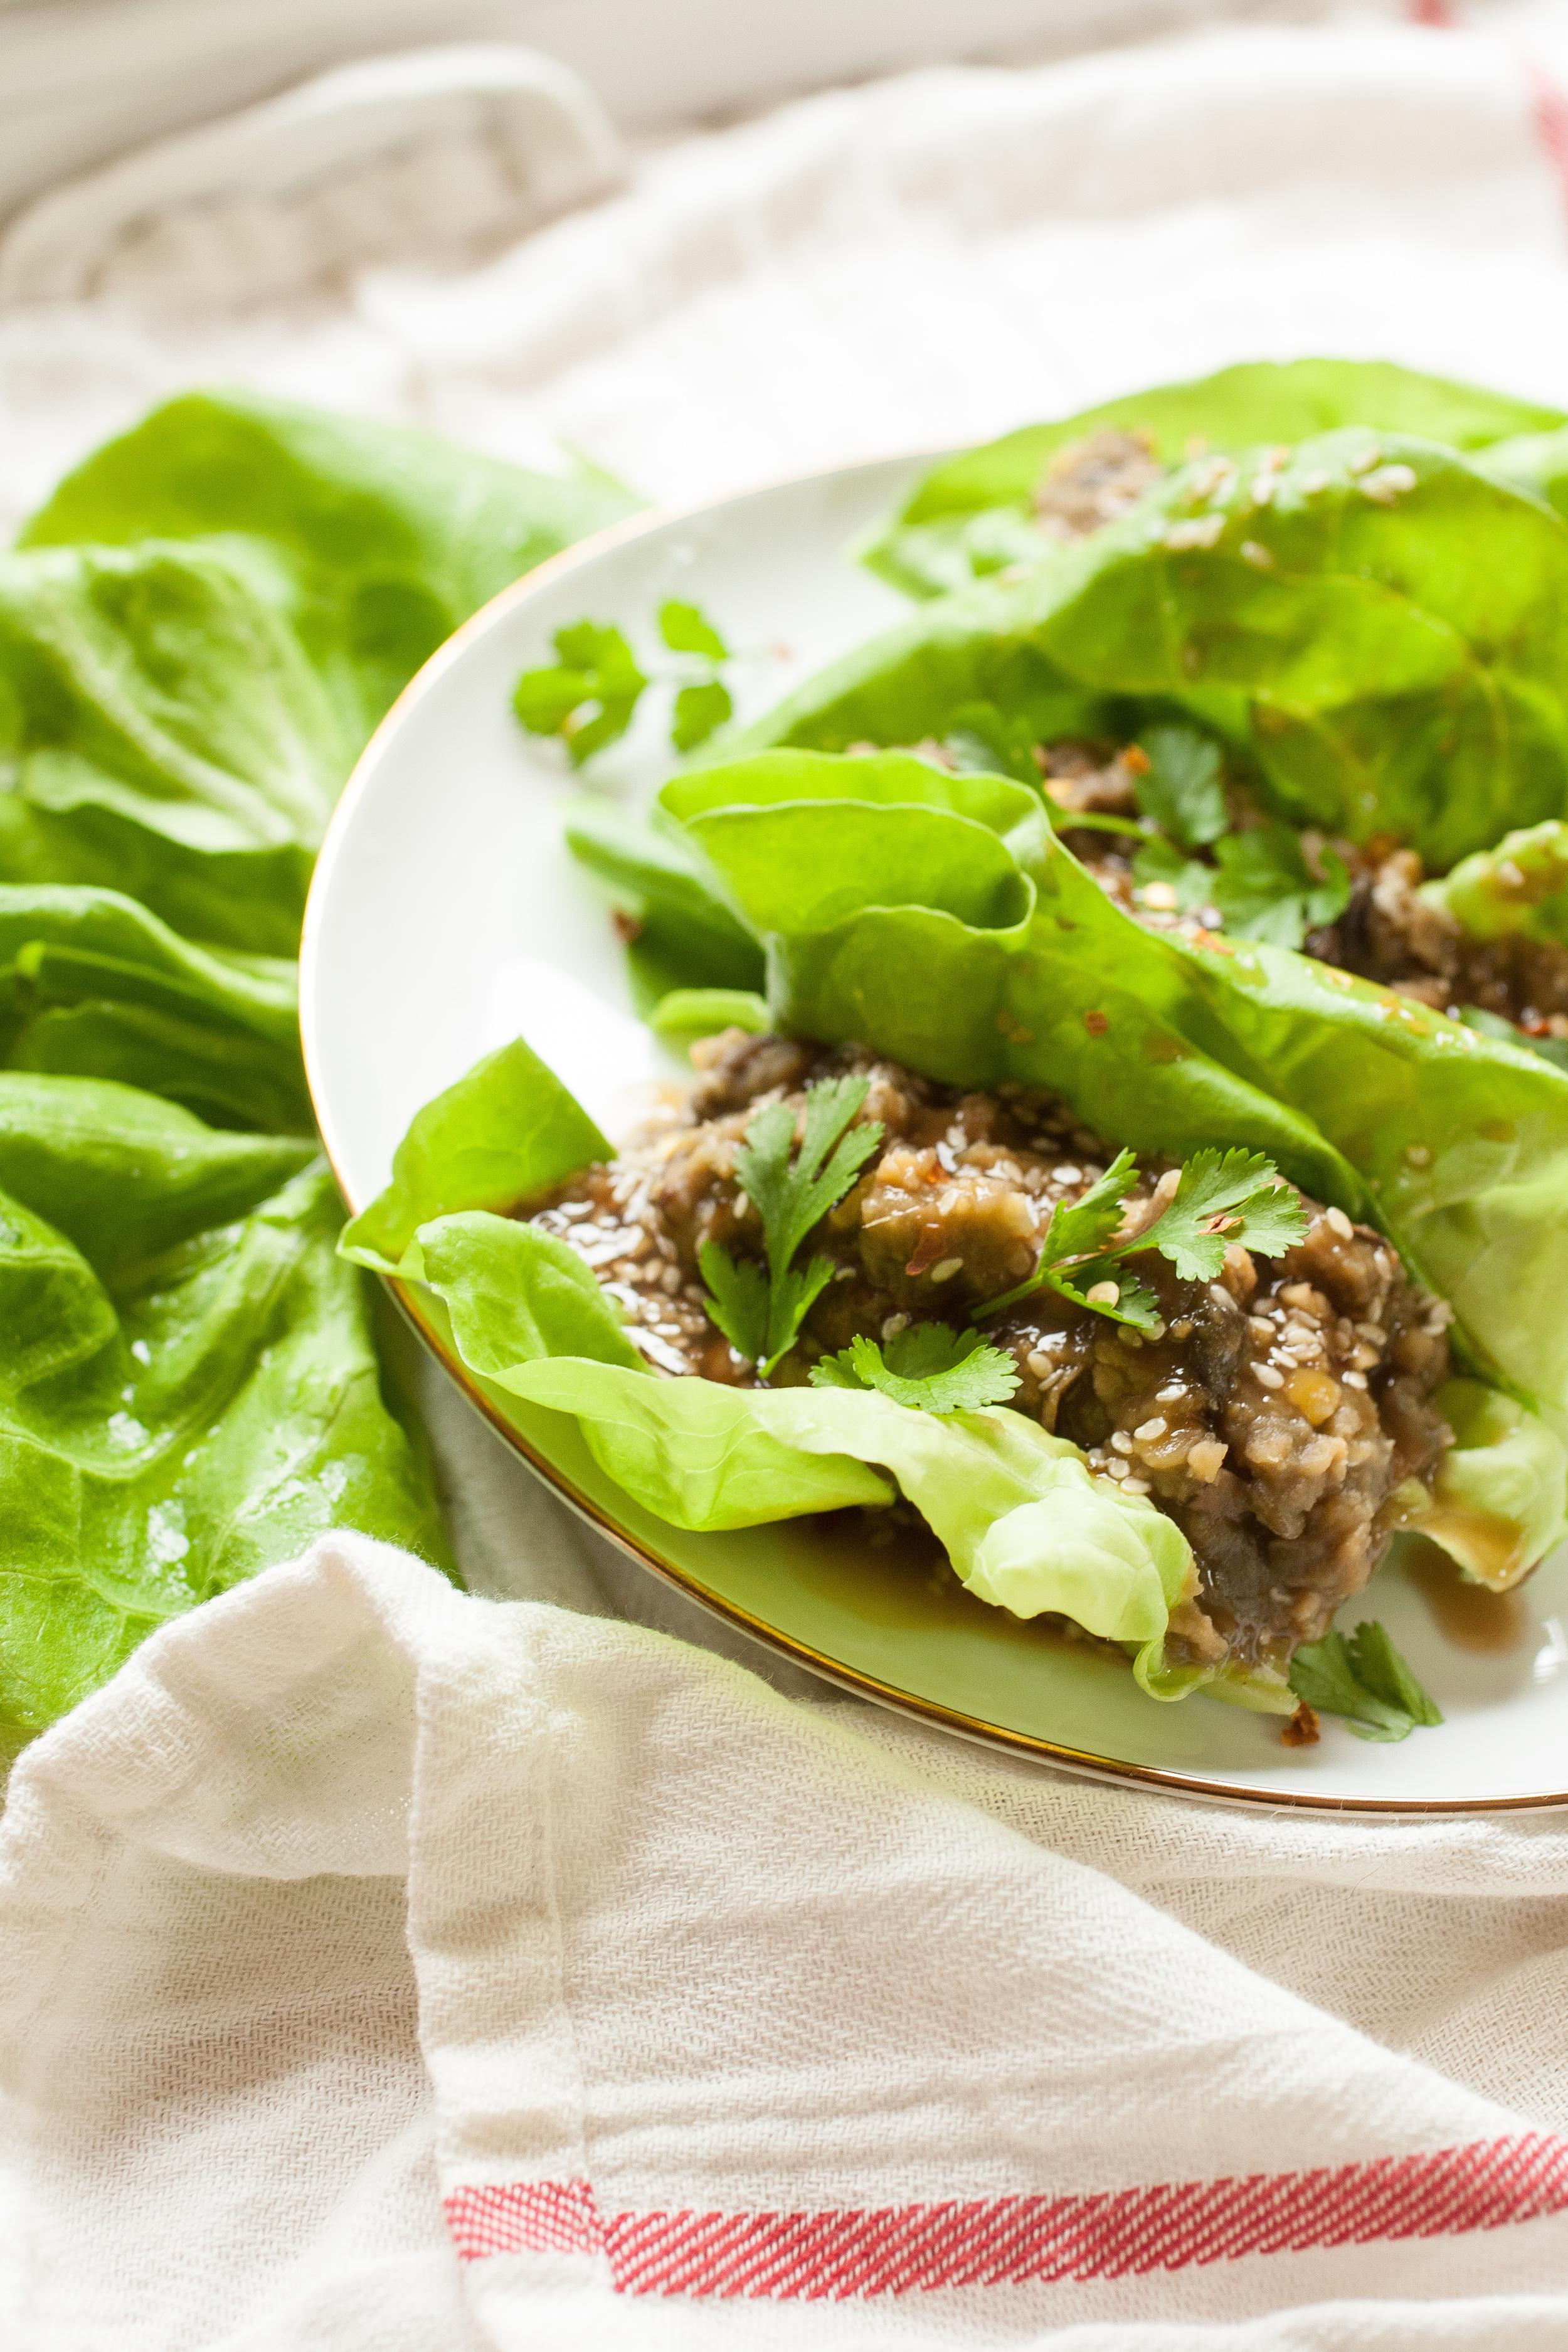 lettucewraps (5 of 8).jpg